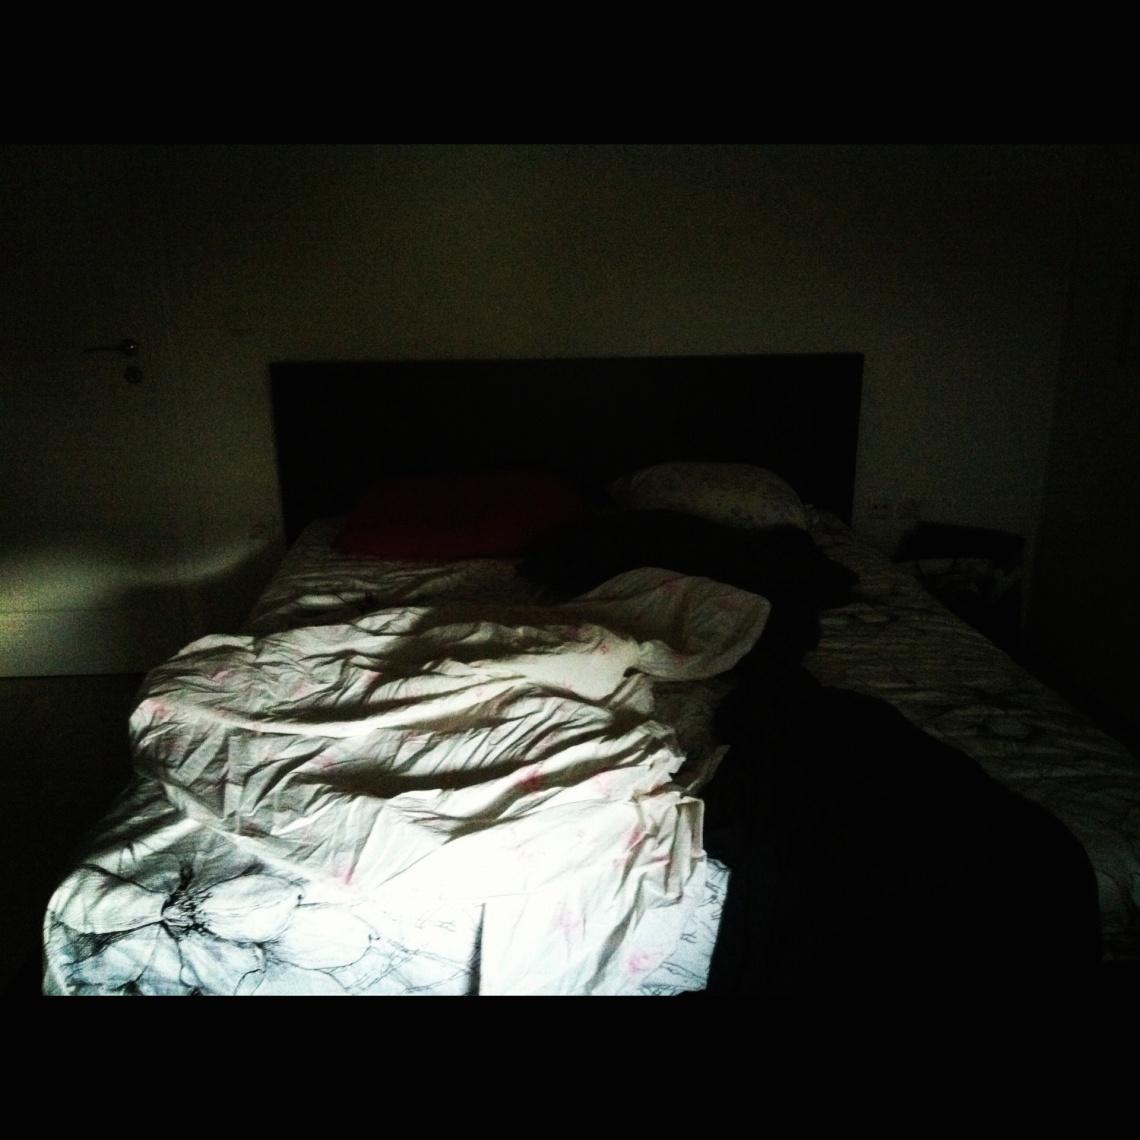 απ-ουσία|οικειότητα, Νάσια Καπα